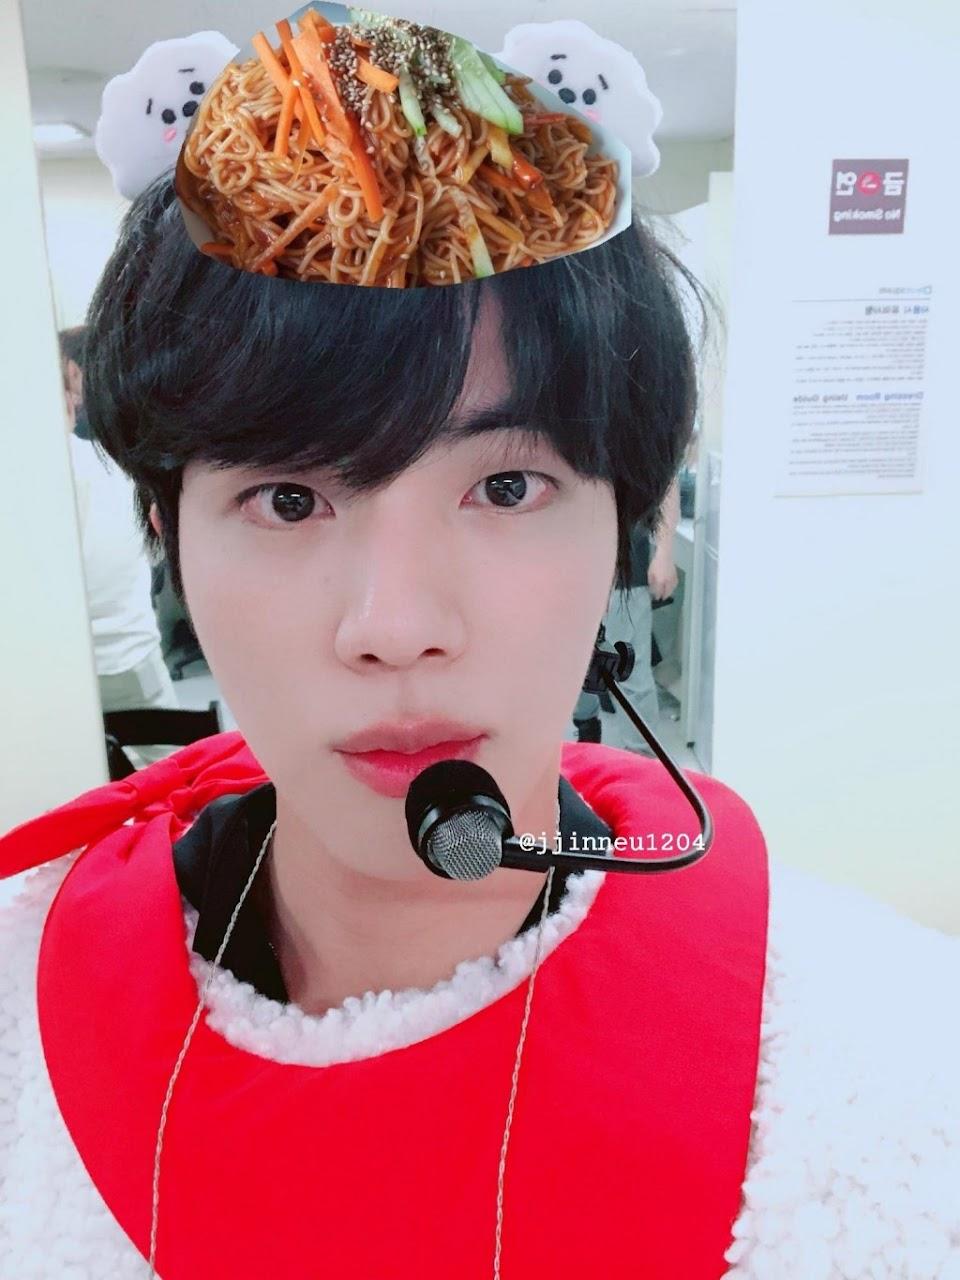 bts jin cold noodles 1